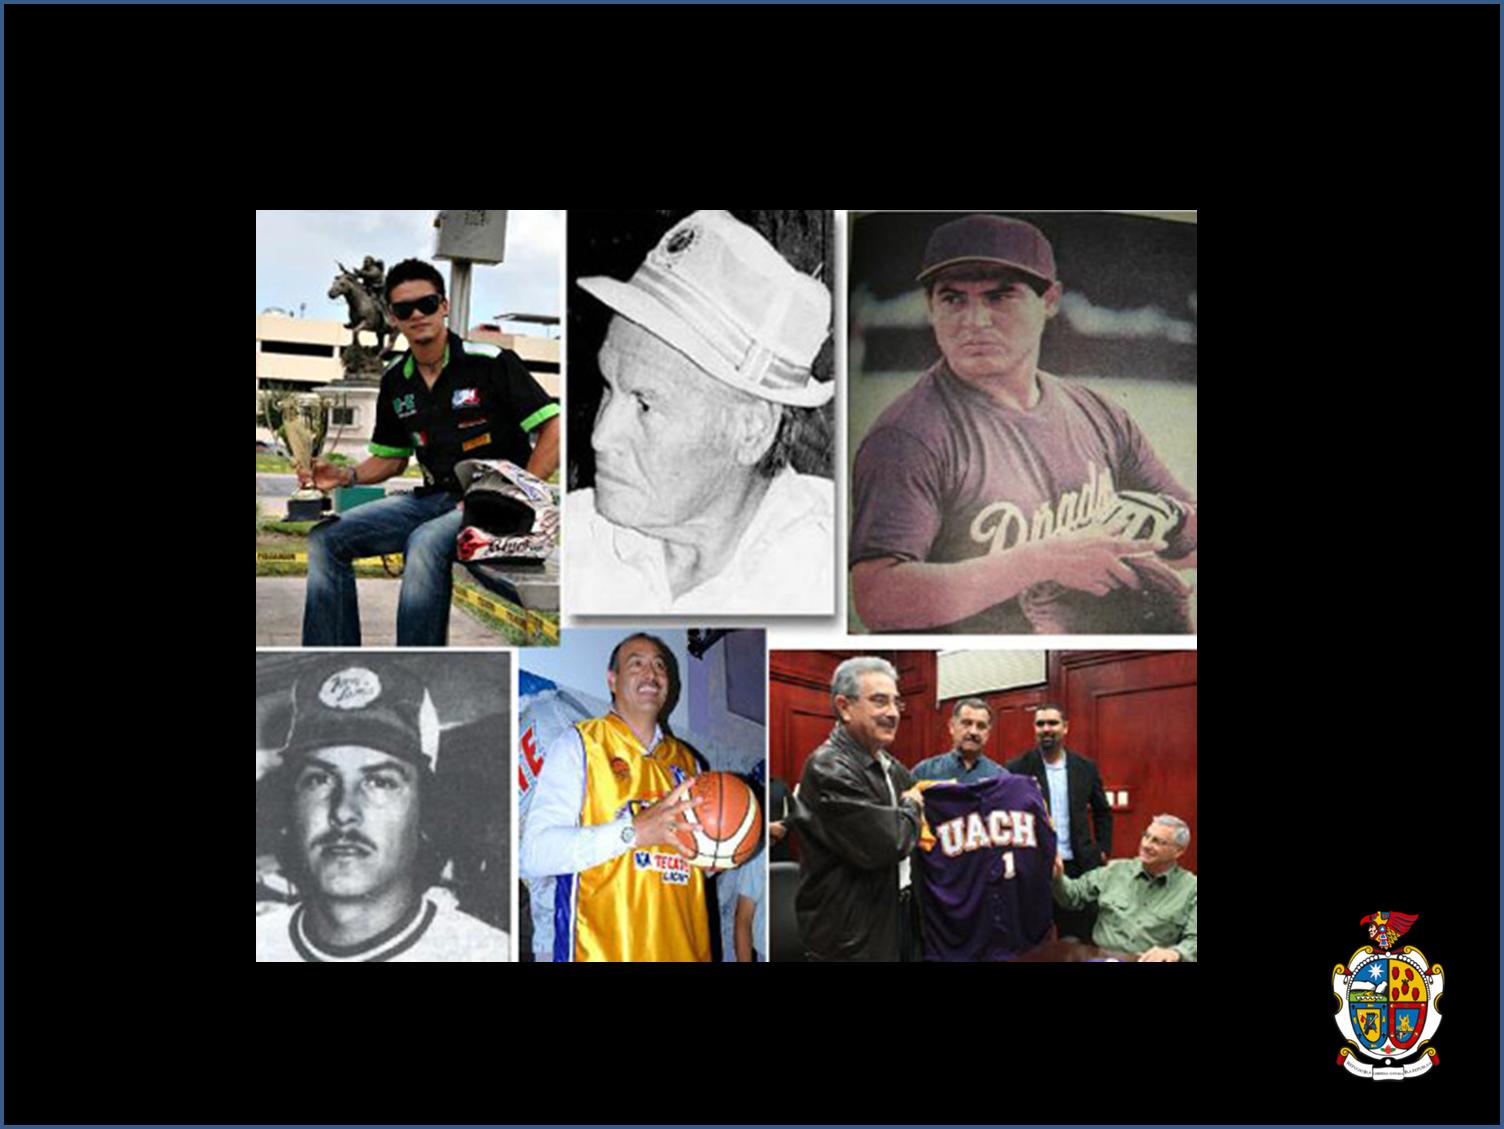 TURISMO EN CIUDAD JUÁREZ  31 de marzo 2011.- El próximo 7 de abril se celebrará el 29 aniversario de la fundación del Salón de la Fama del Deportista Juarense A.C. por lo cual, se tendrán varios eventos a realizar para festejar  momentos históricos en el deporte de esta ciudad. www.turismoenchihuahua.com